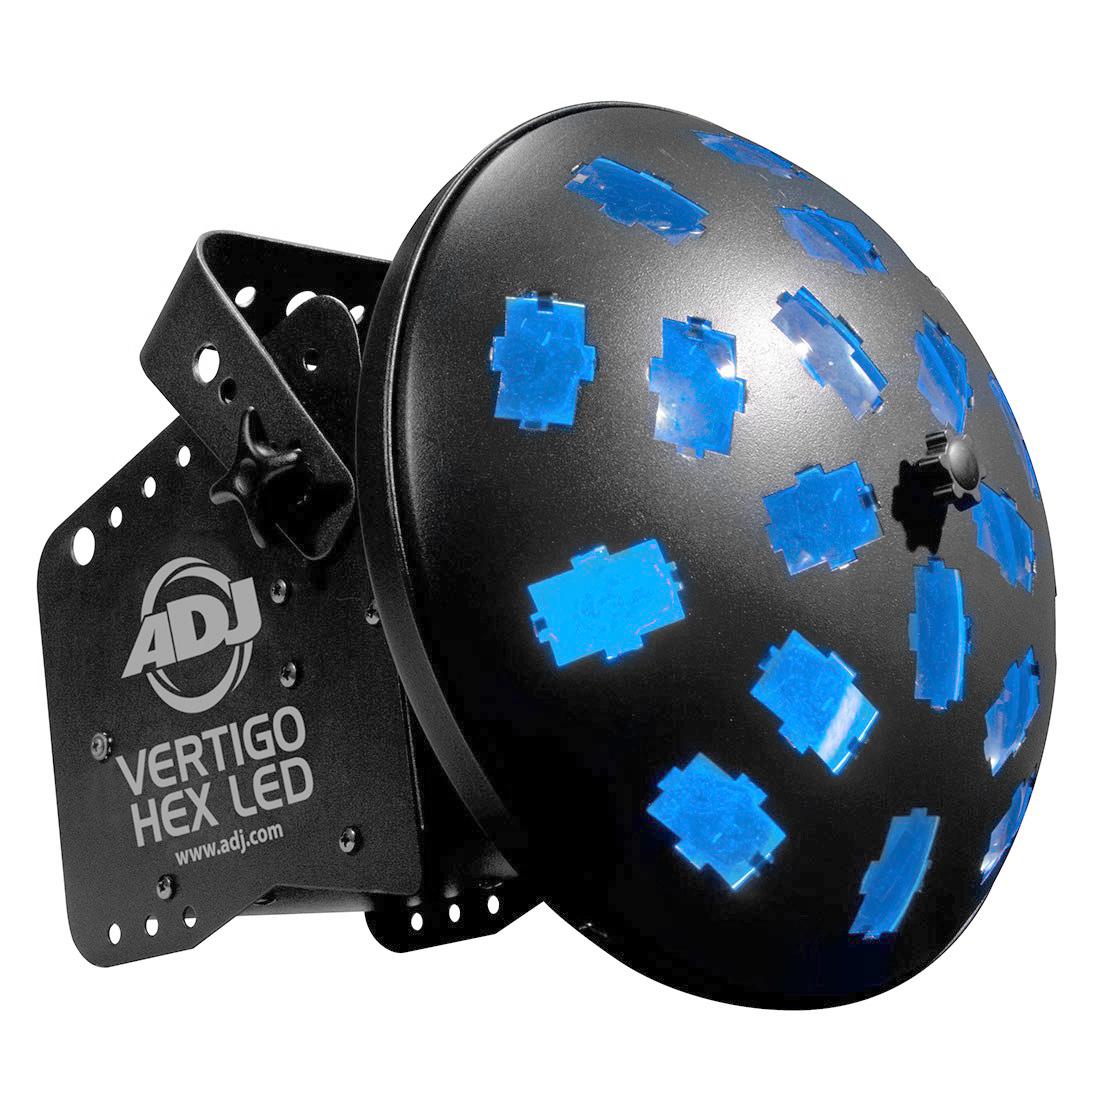 Vertigo HEX LED